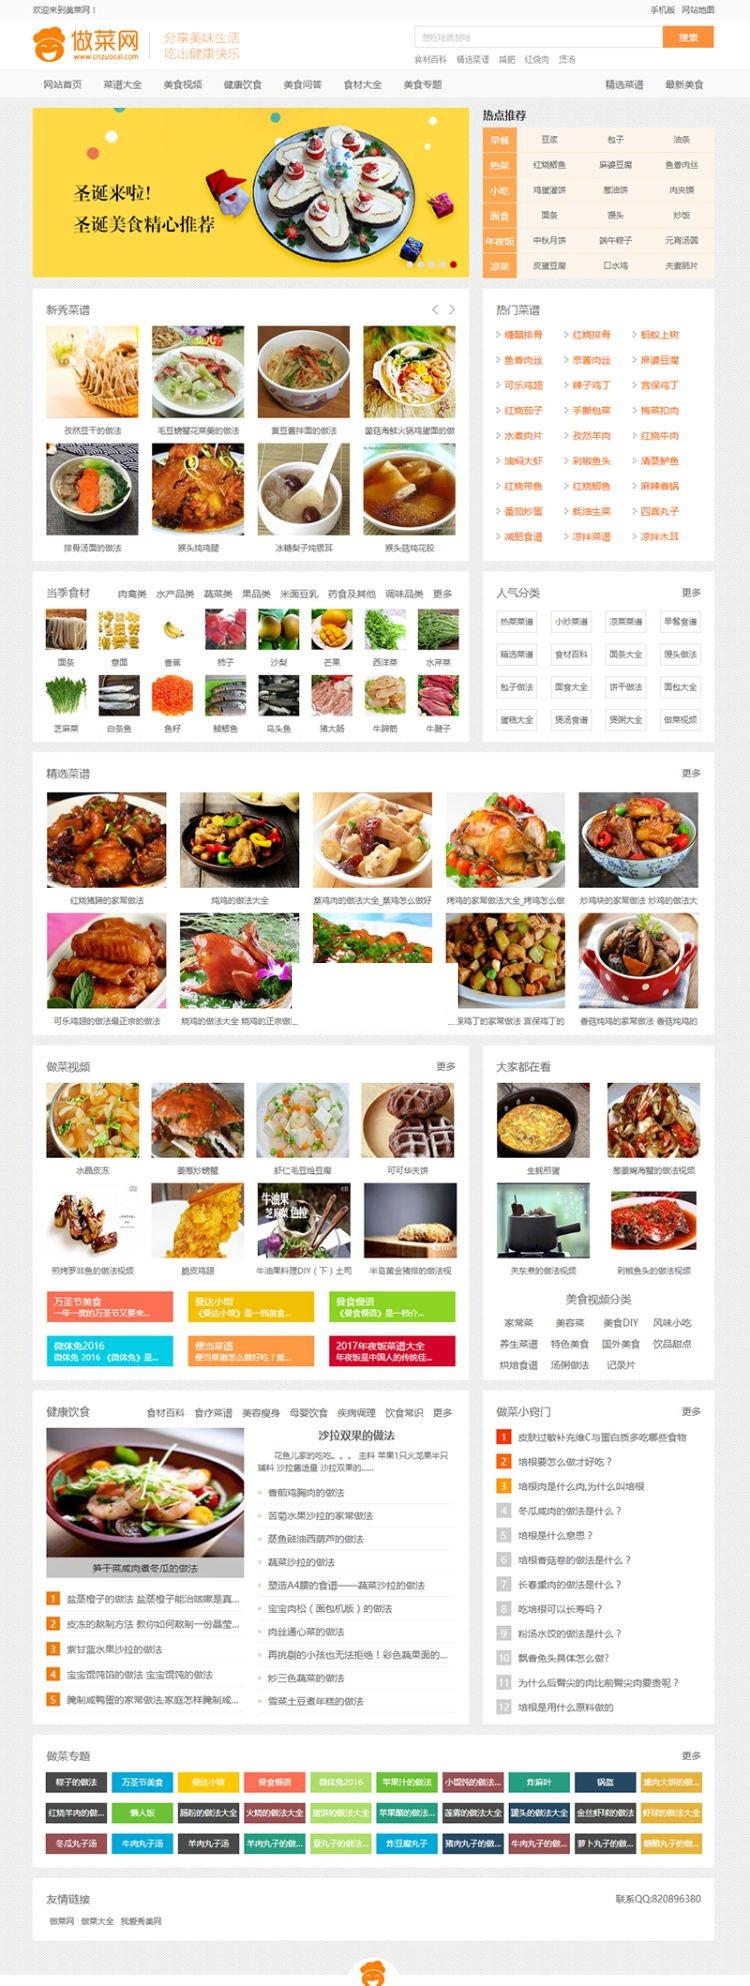 帝国CMS内核新版《做菜网》食谱网站源码 带手机版,修复帝国采集 第1张